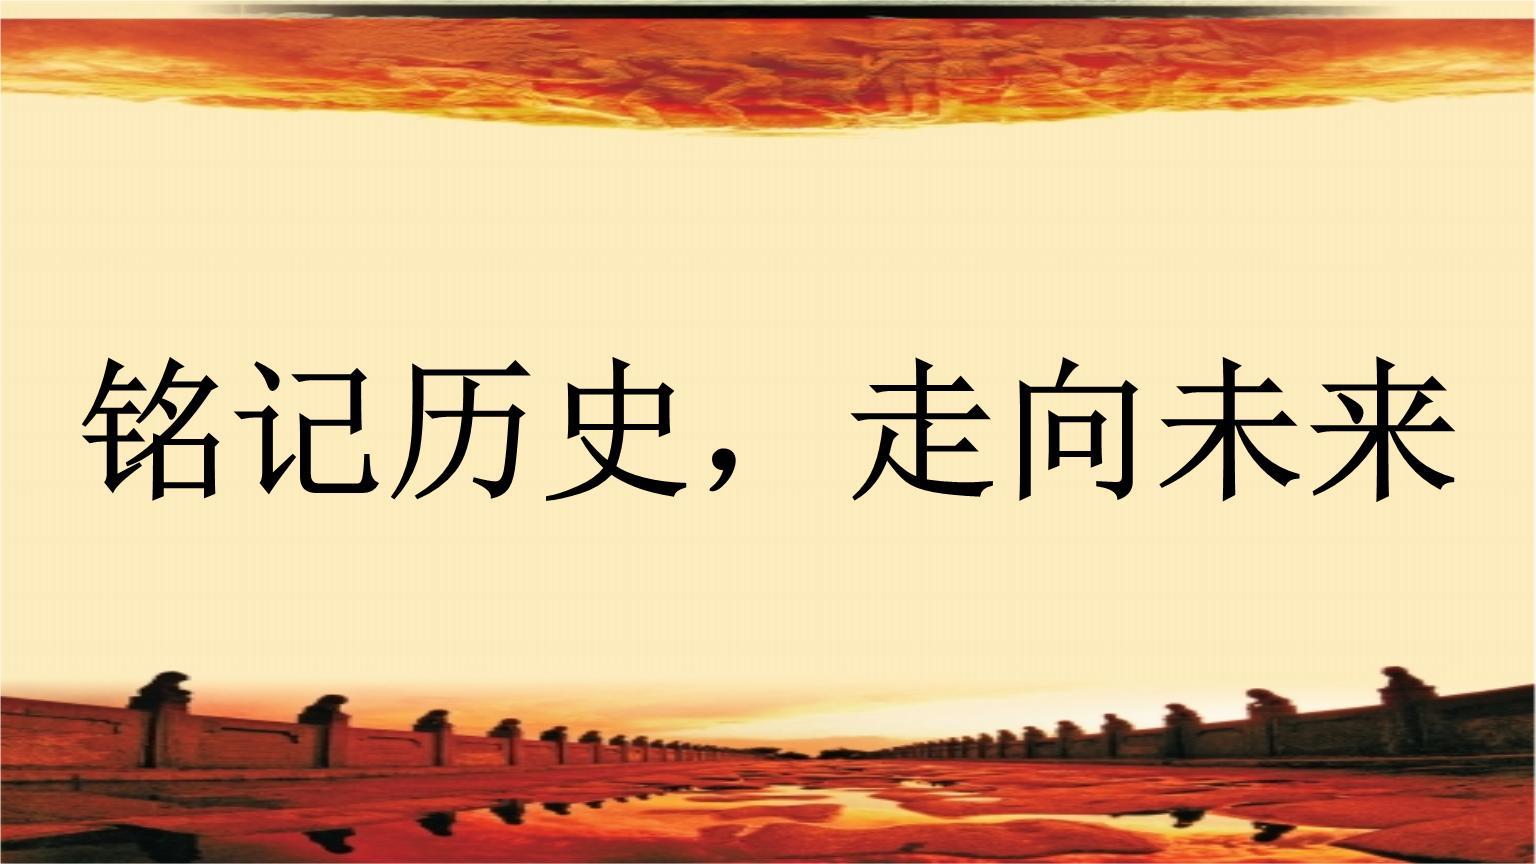 《铭记历史是为了走向未来》